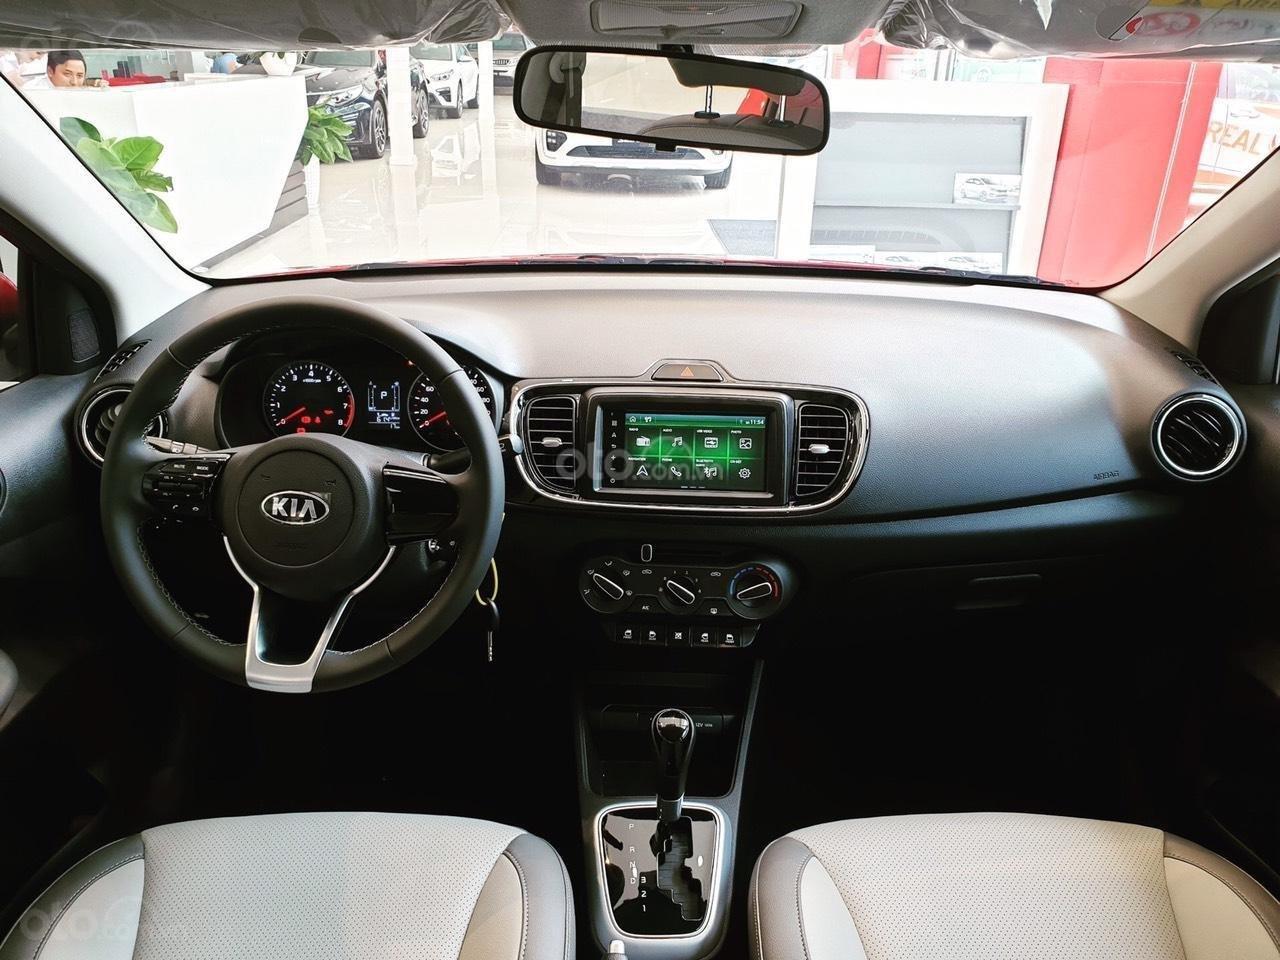 Kia Soluto 1.4 AT đời 2020, chỉ 128 triệu nhận xe- góp 5 triệu/tháng, giao xe ngay, LH: 0933.052.663 (13)